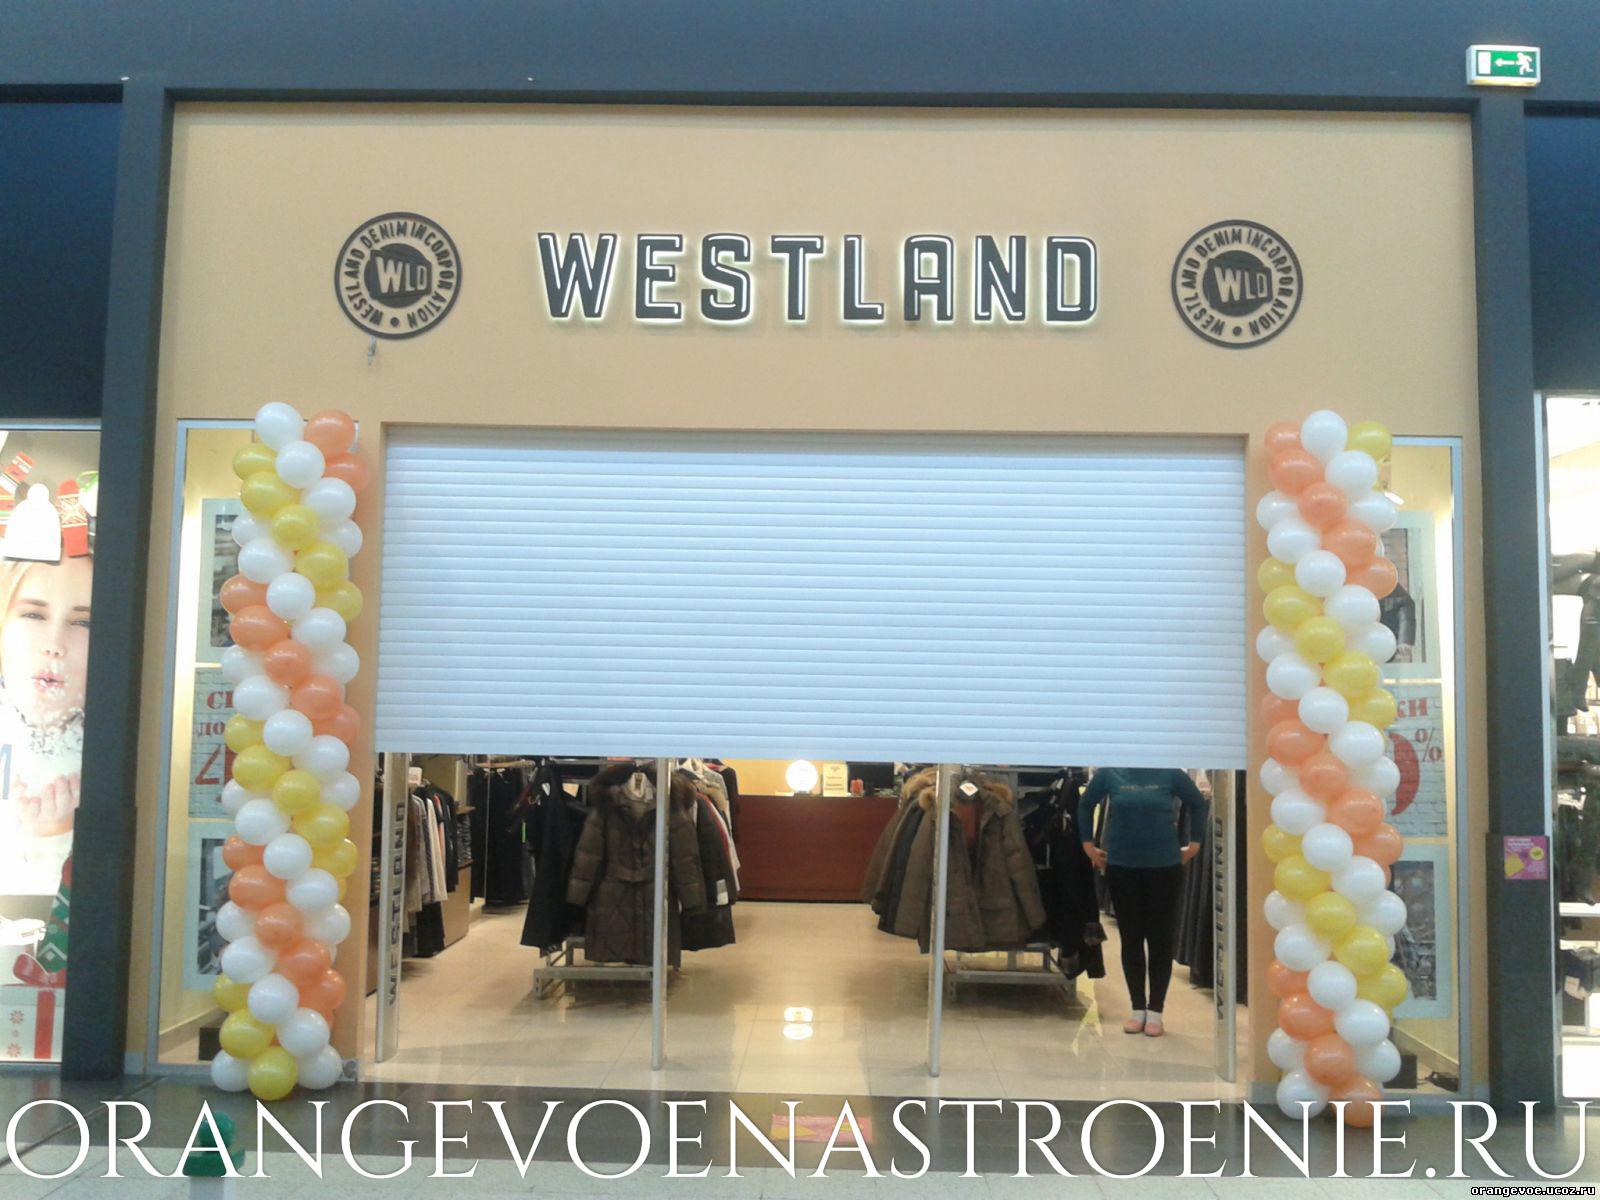 Столбики из шаров слева и справа от входа в магазин. Оранжевое настроение Самара